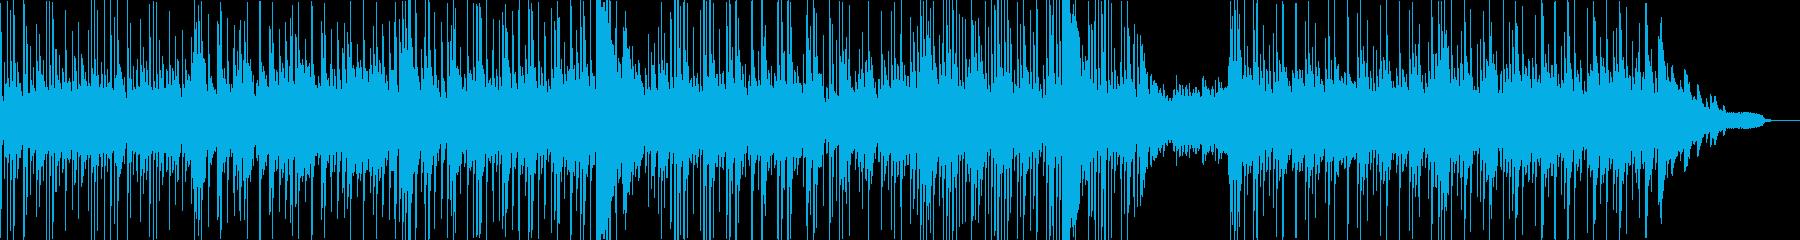 ピアノが響く現代的・都会的なサスペンス曲の再生済みの波形